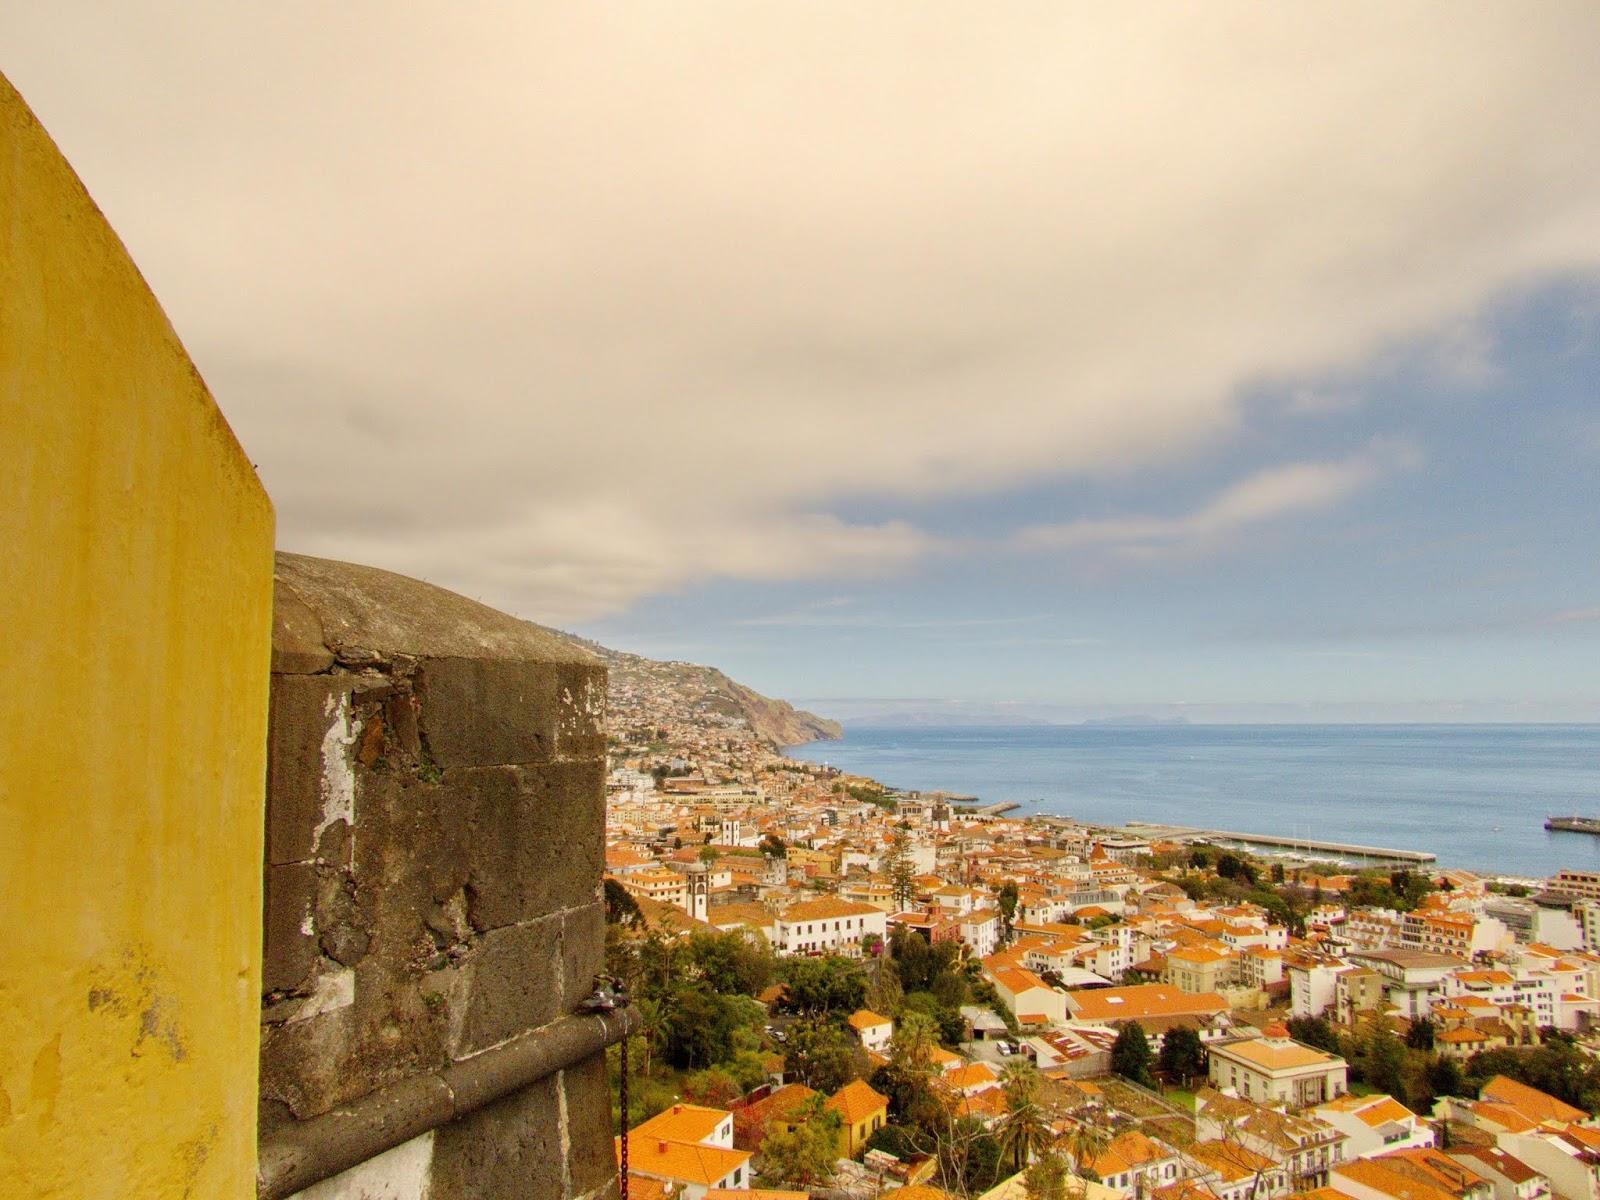 Hoje é o Dia da Região Autónoma da Madeira